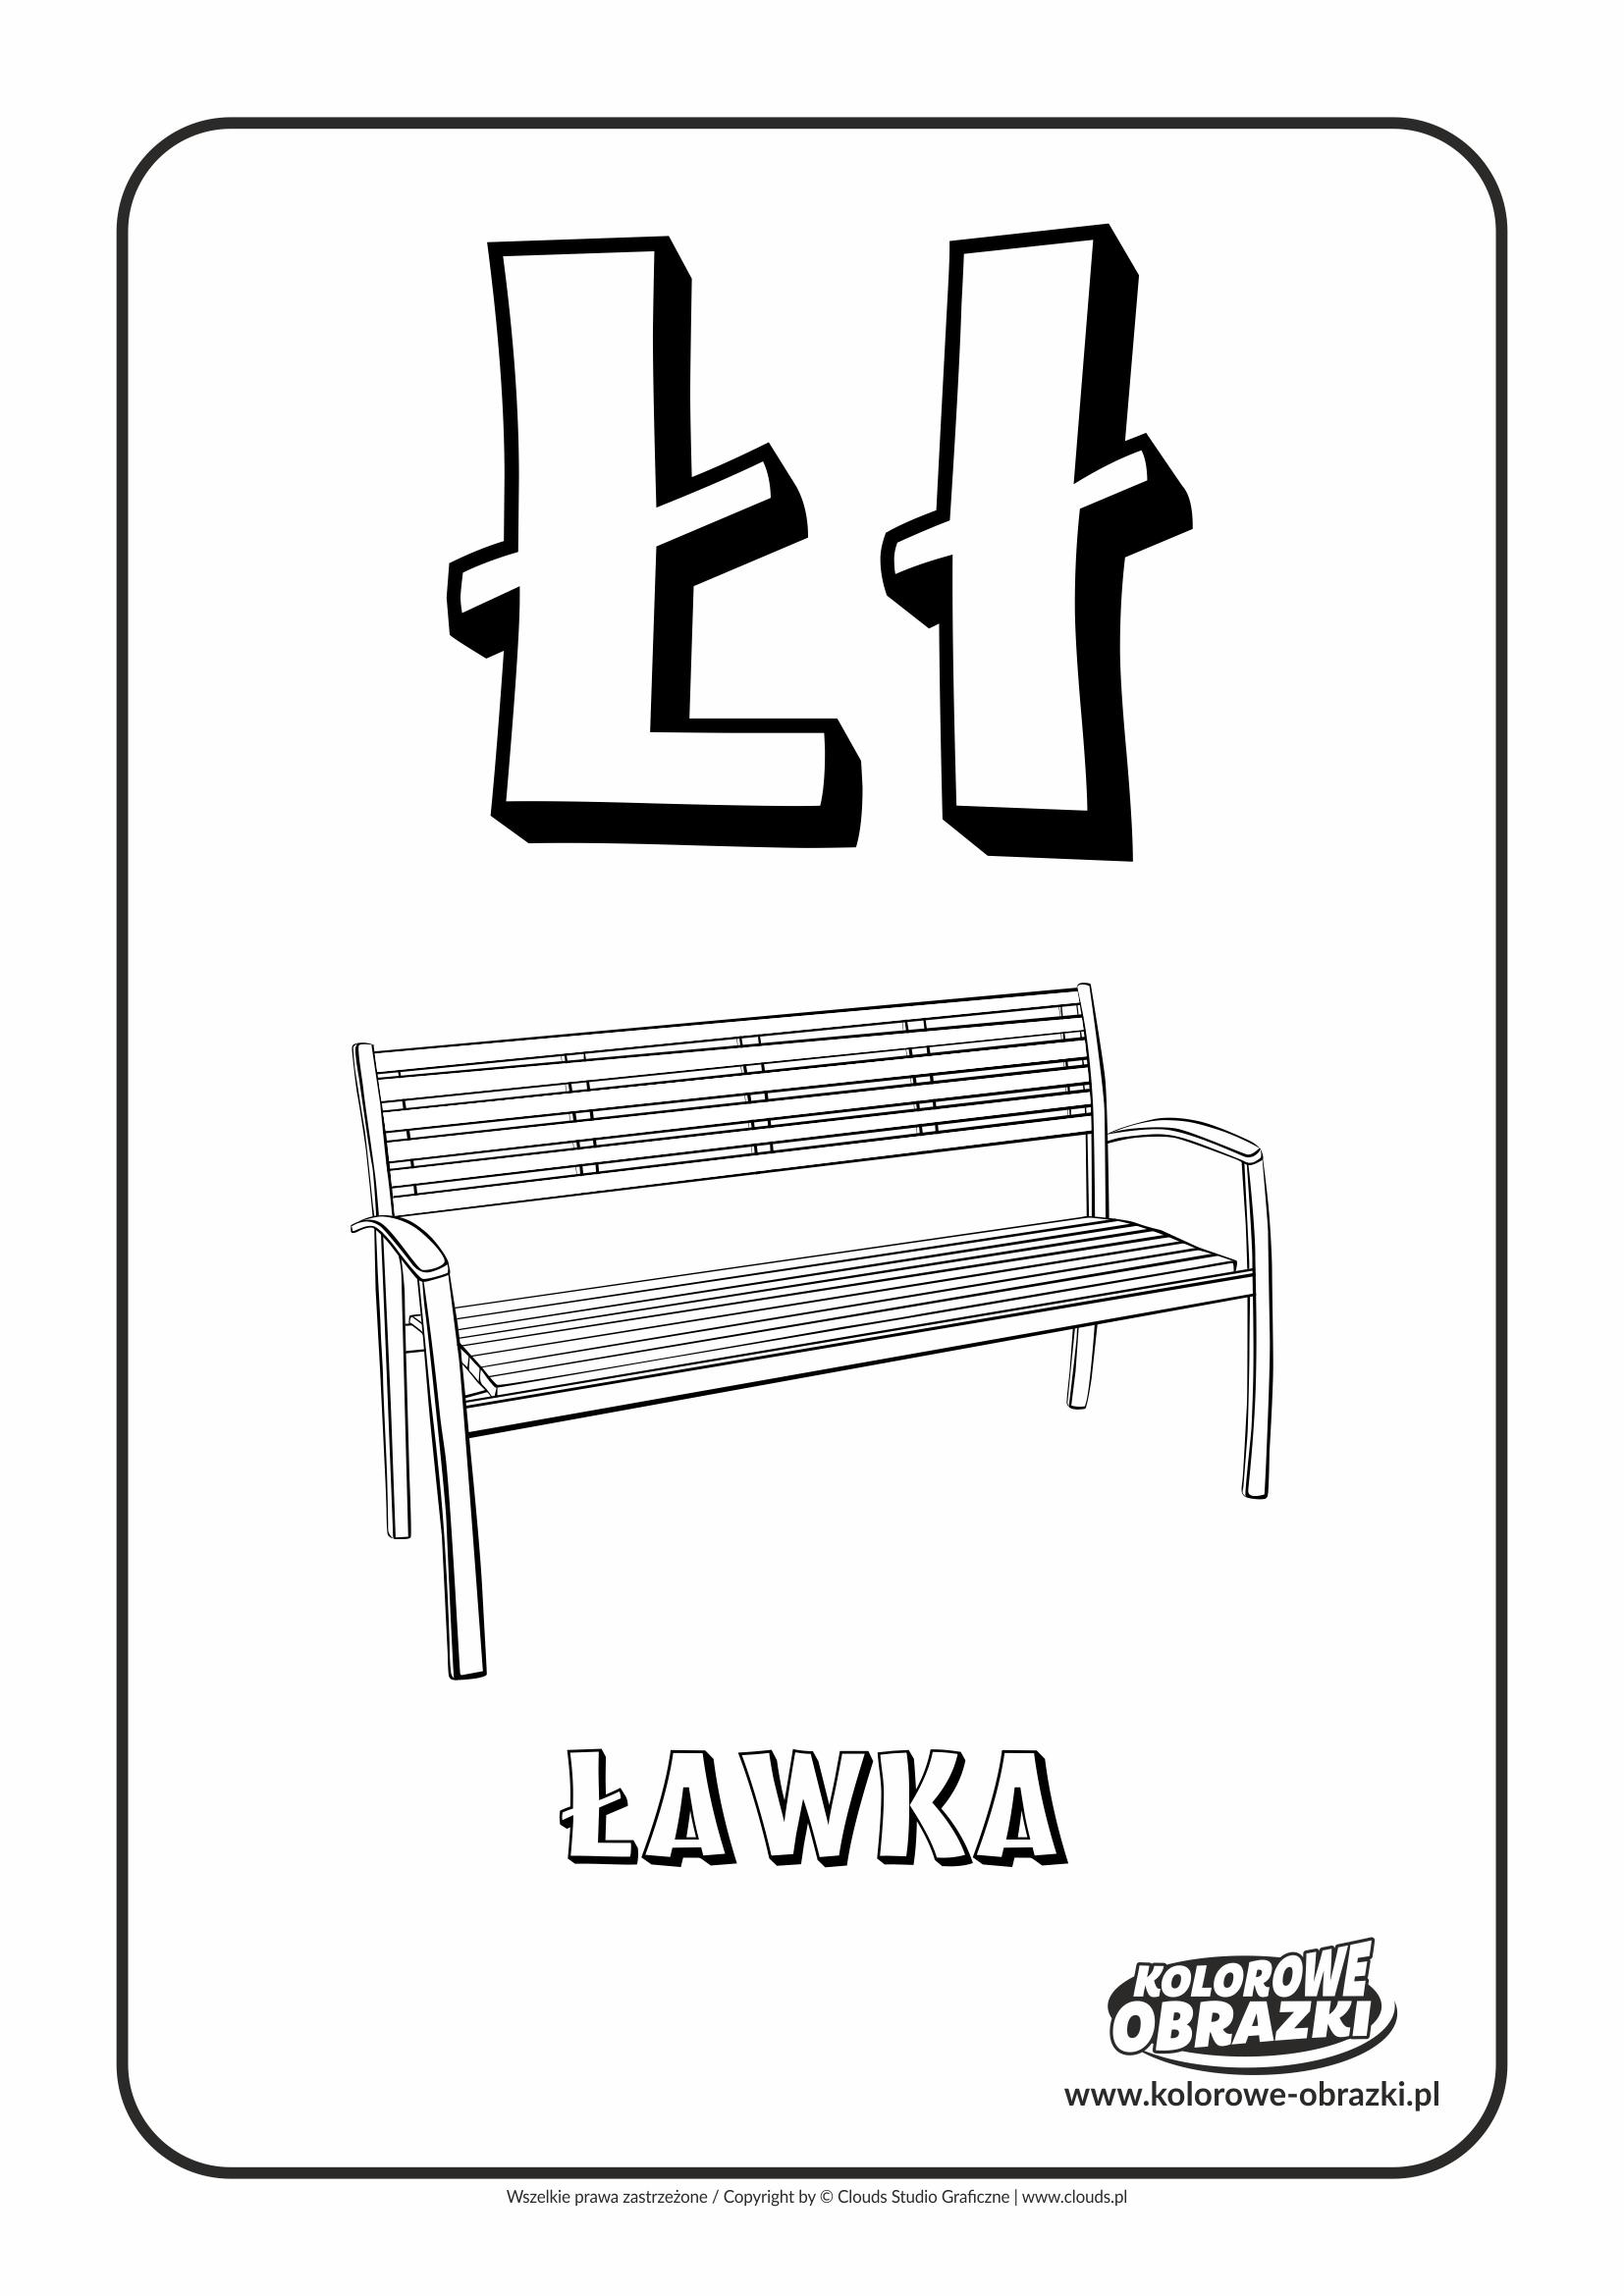 Kolorowanki dla dzieci - Litery / Litera Ł. Kolorowanka z literą Ł